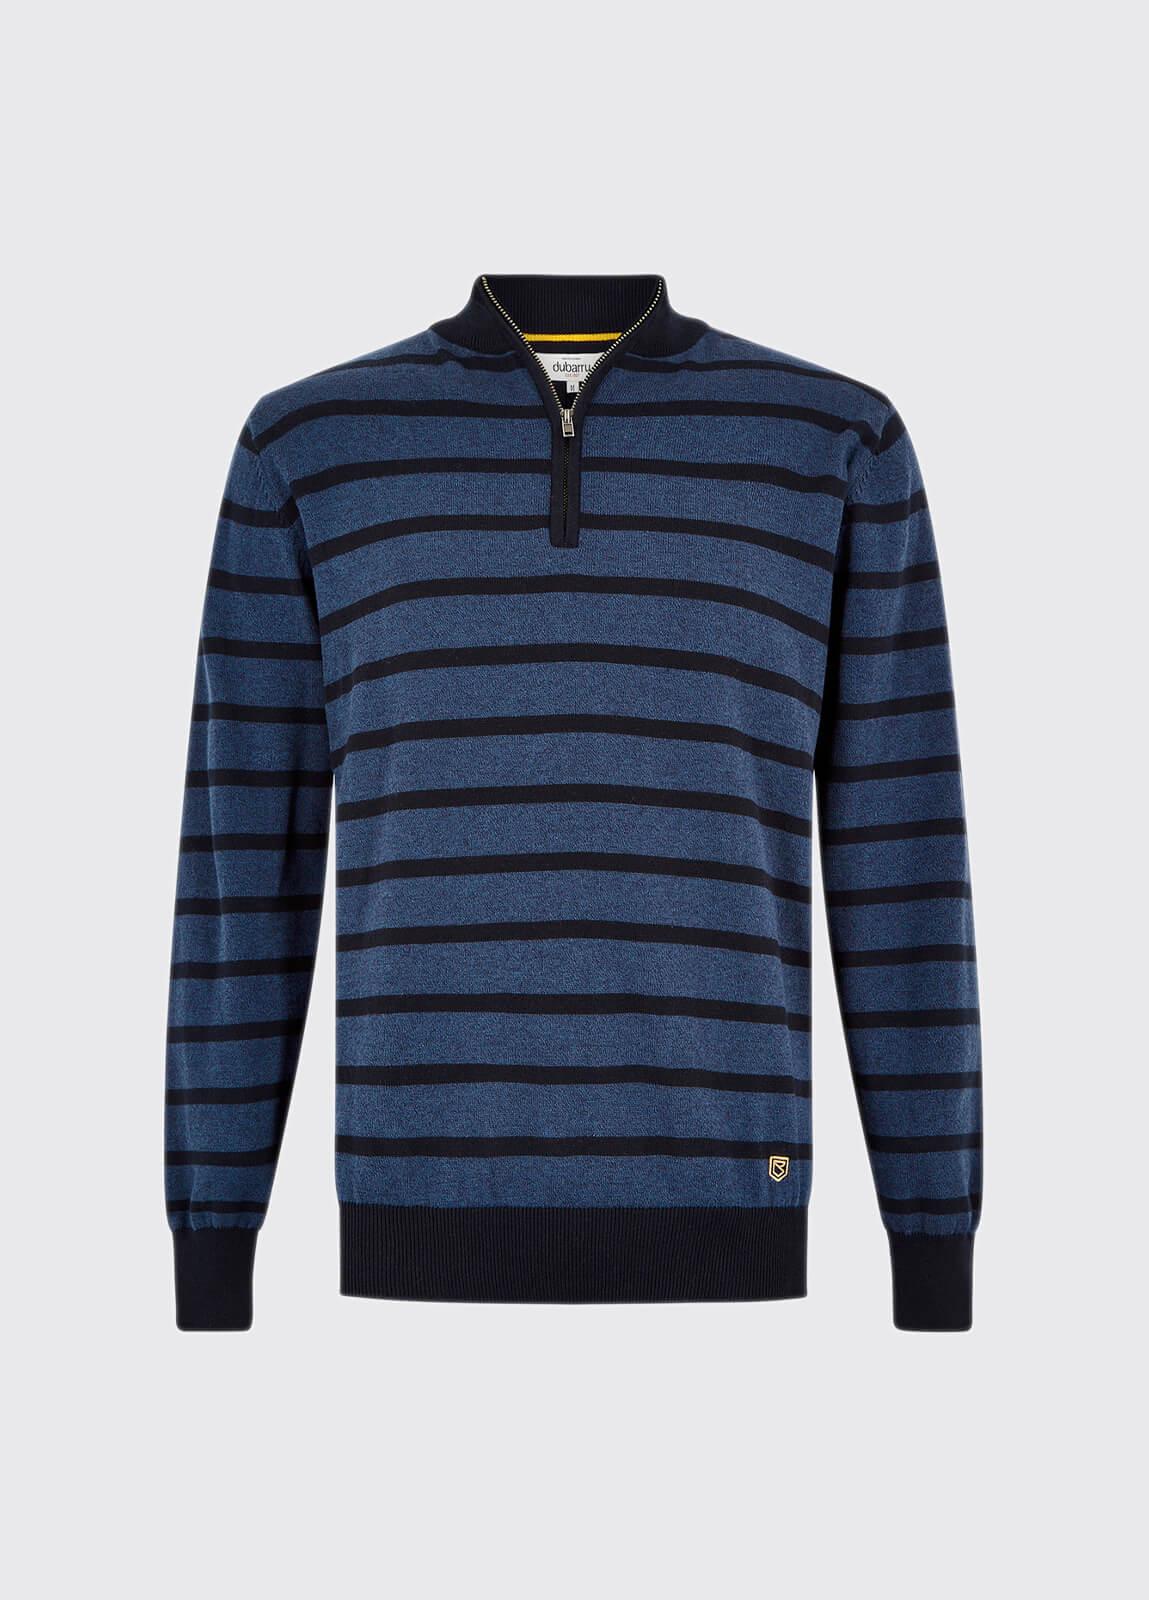 Abbeyville Sweater - Navy Multi